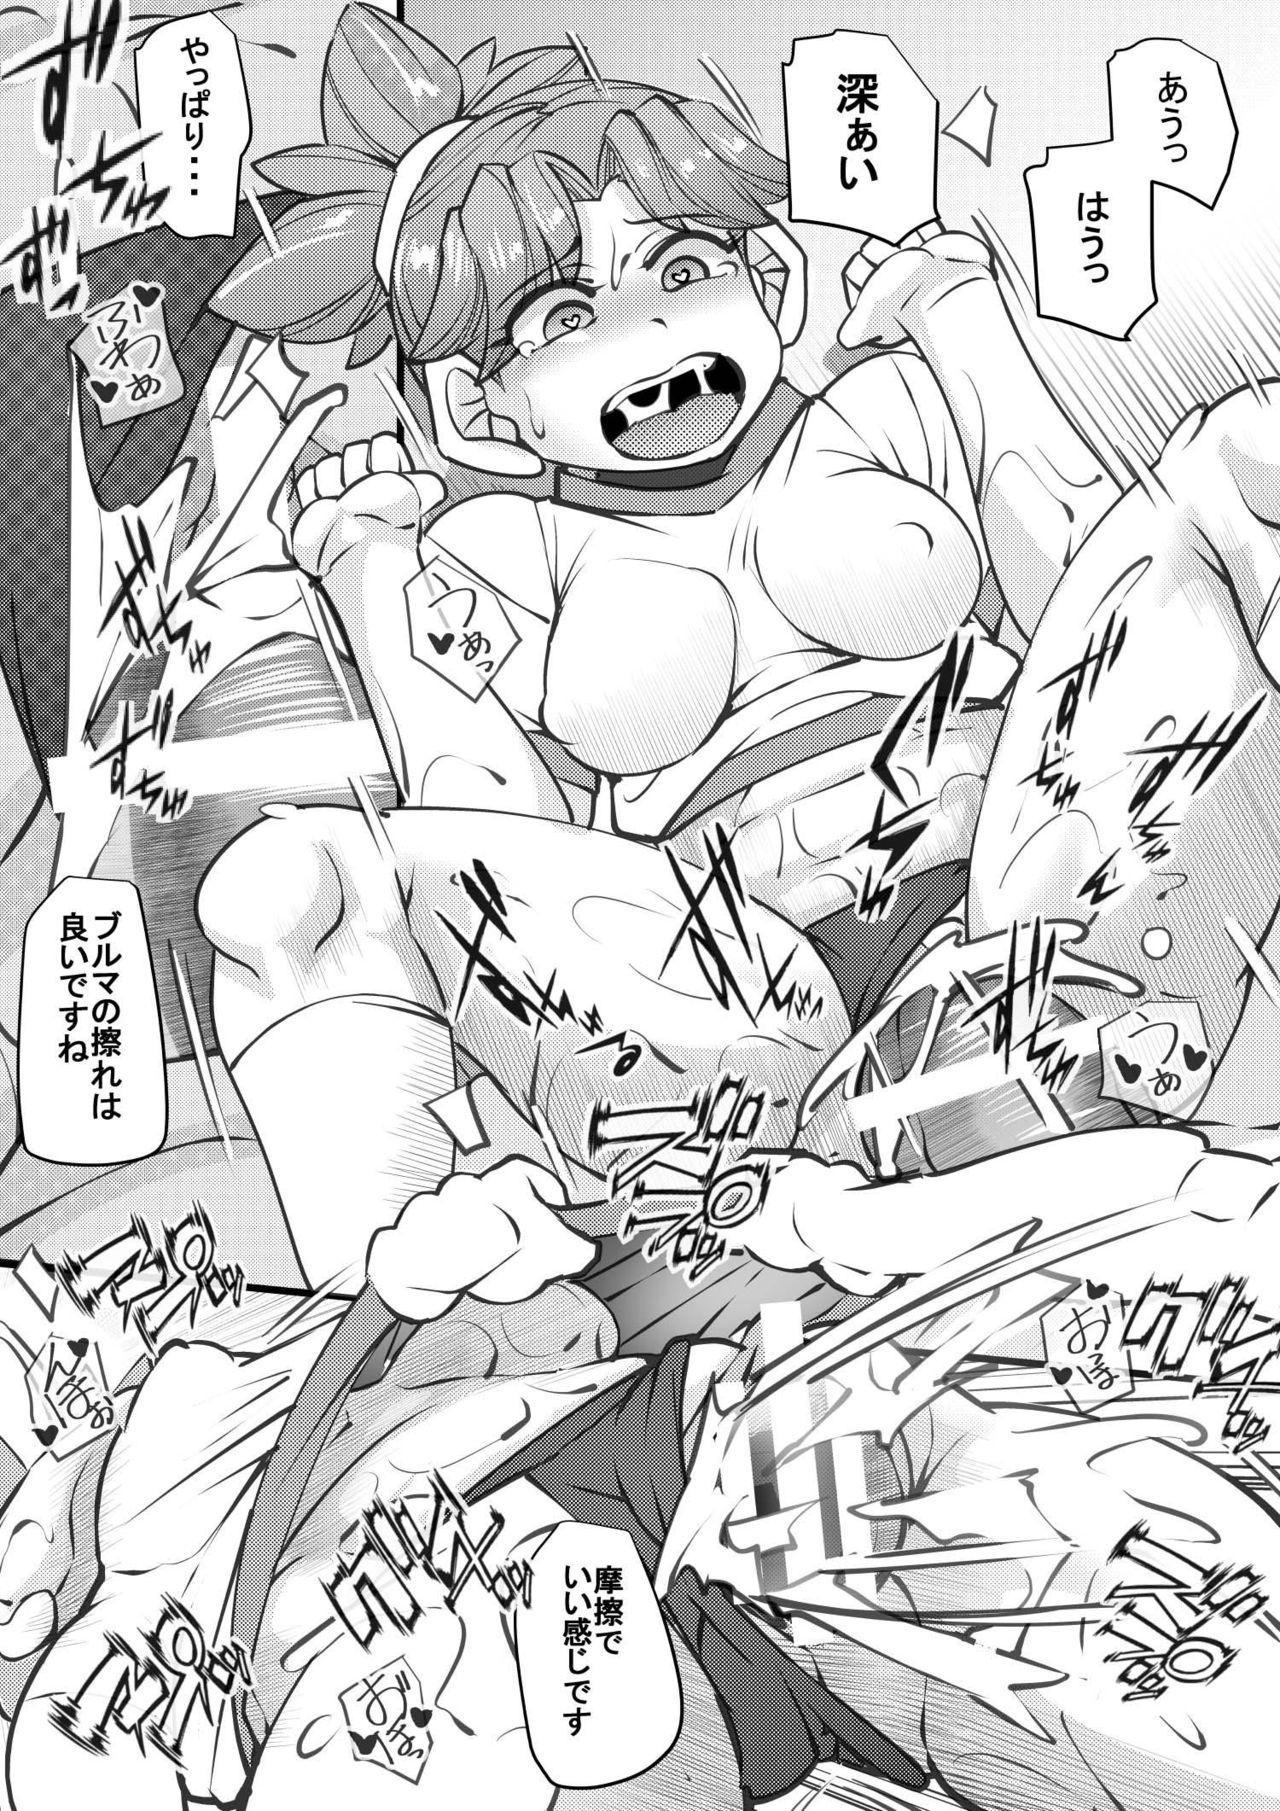 Uchi no Joseito Zenin Haramaseta Kedamono ga Anta no Gakuen ni Iku Rashii yo? 23 15